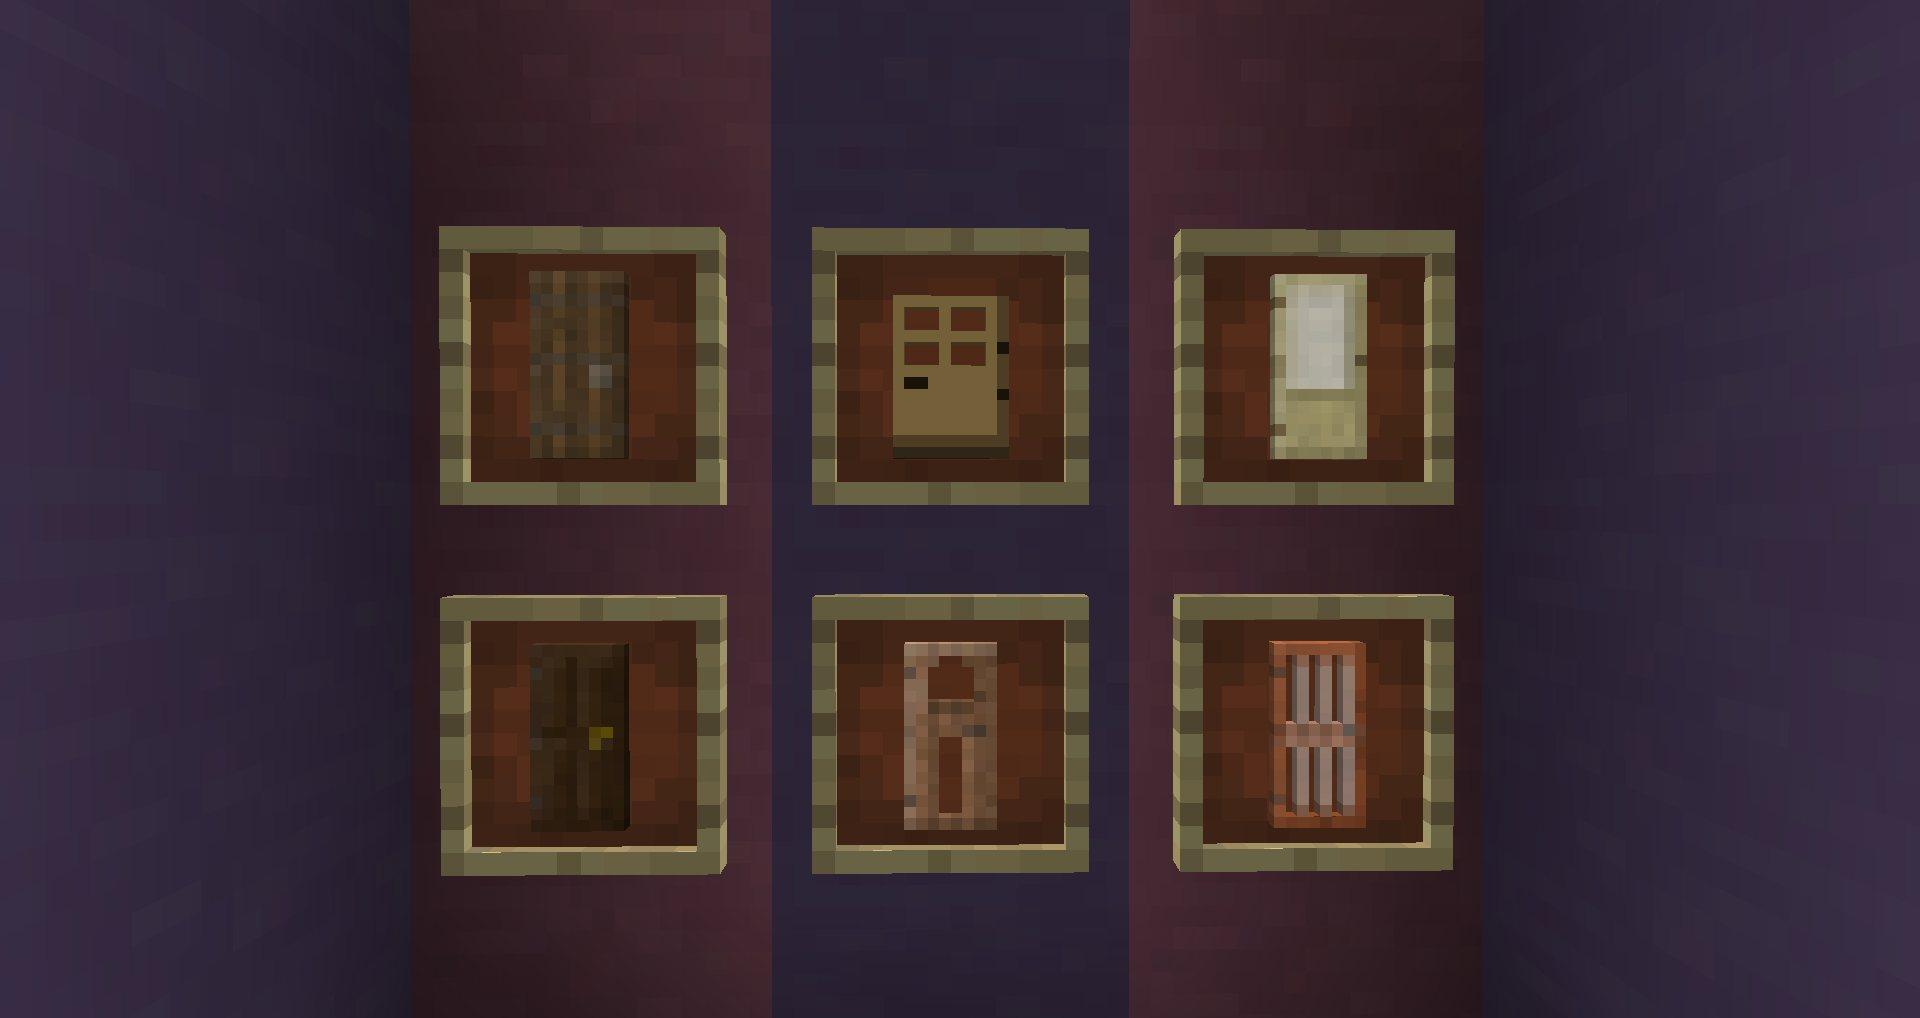 drzwi-w-ramkach